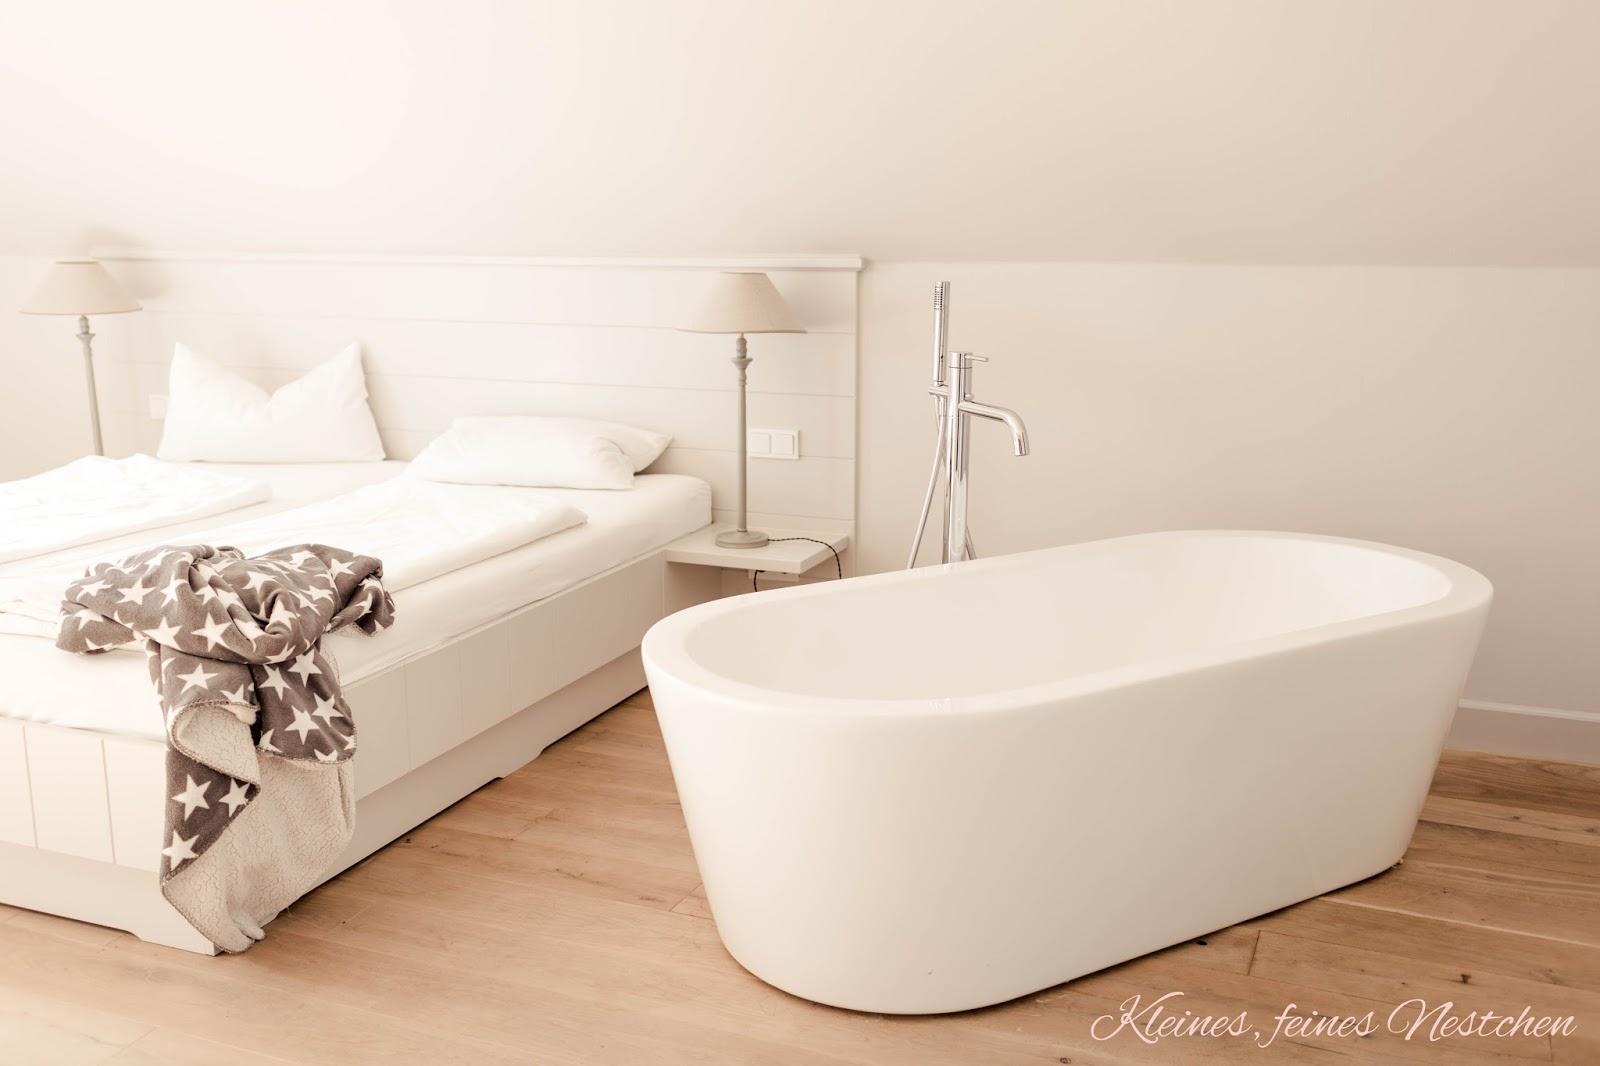 kleines feines nestchen sylt part ii eine suite zum. Black Bedroom Furniture Sets. Home Design Ideas